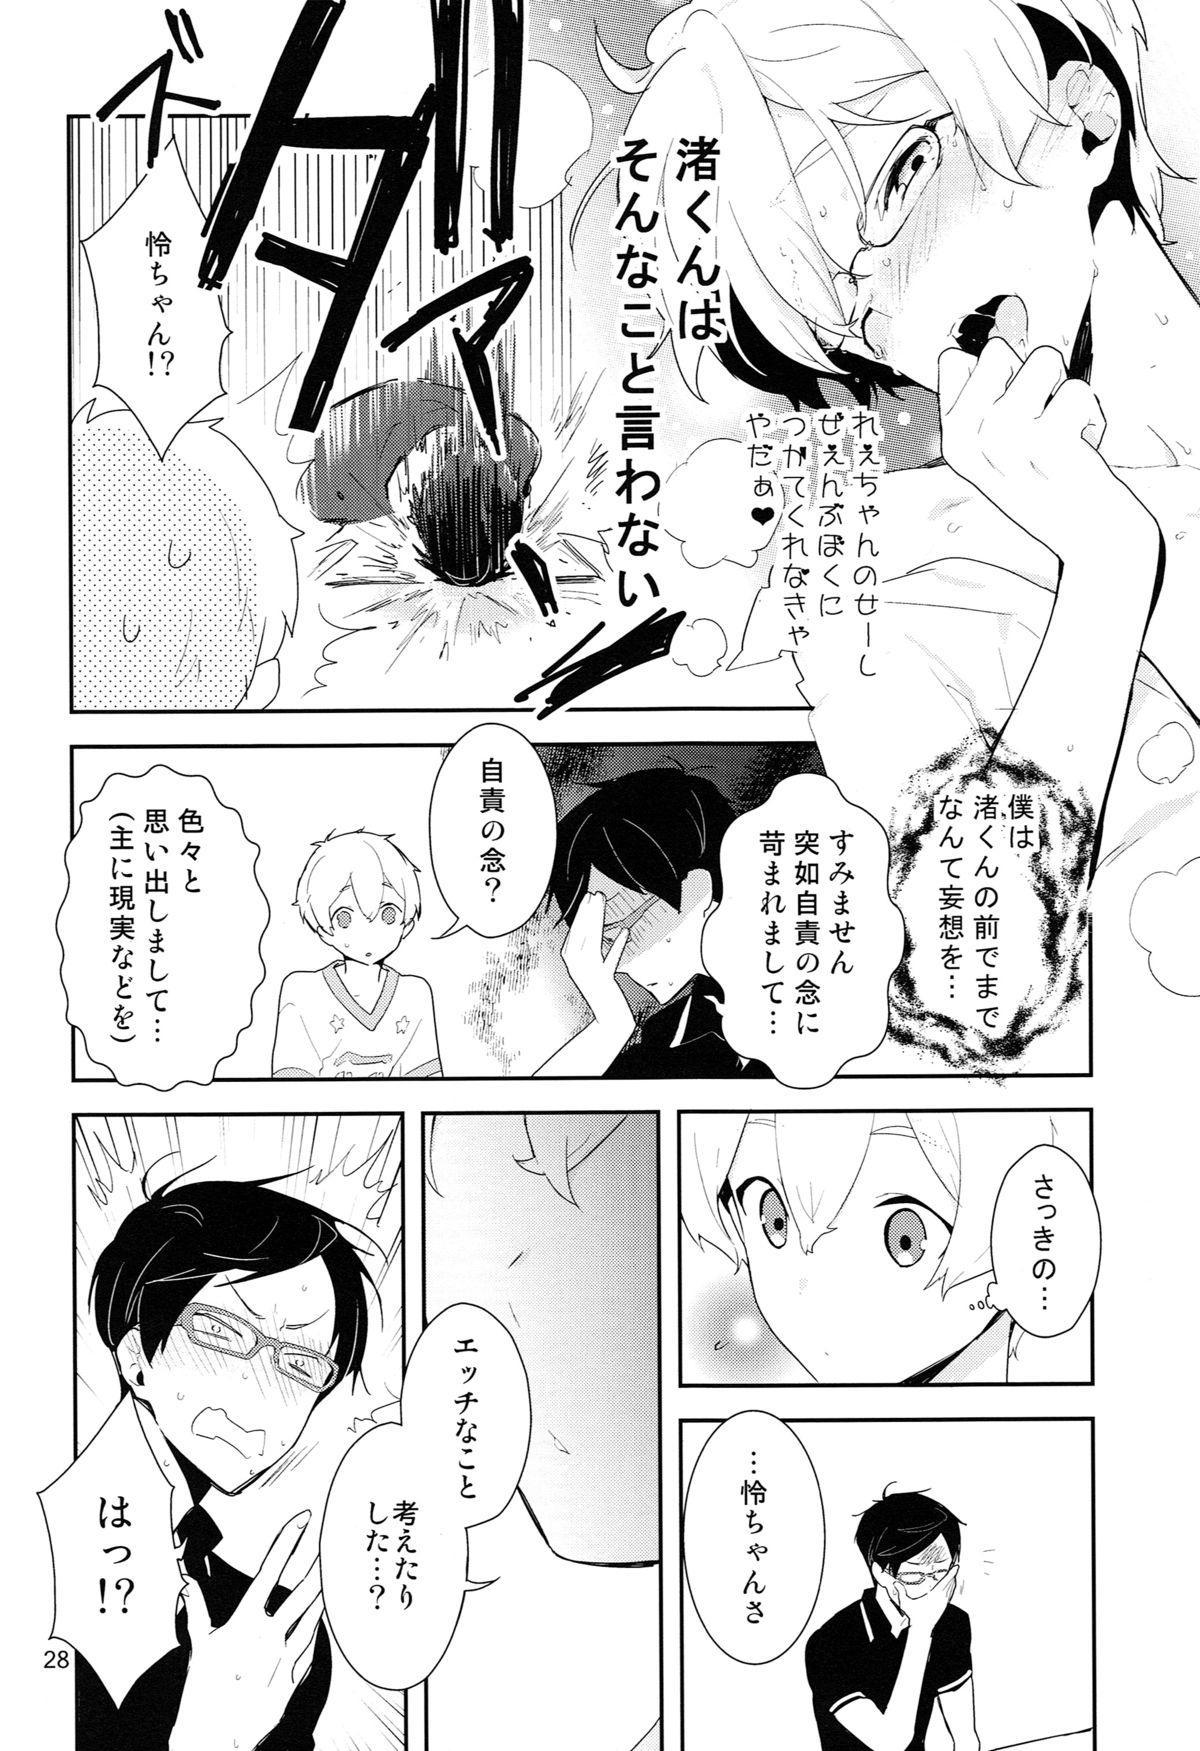 Ryuugazaki nanigashi wa seiyoku wo moteamashite iru. 27